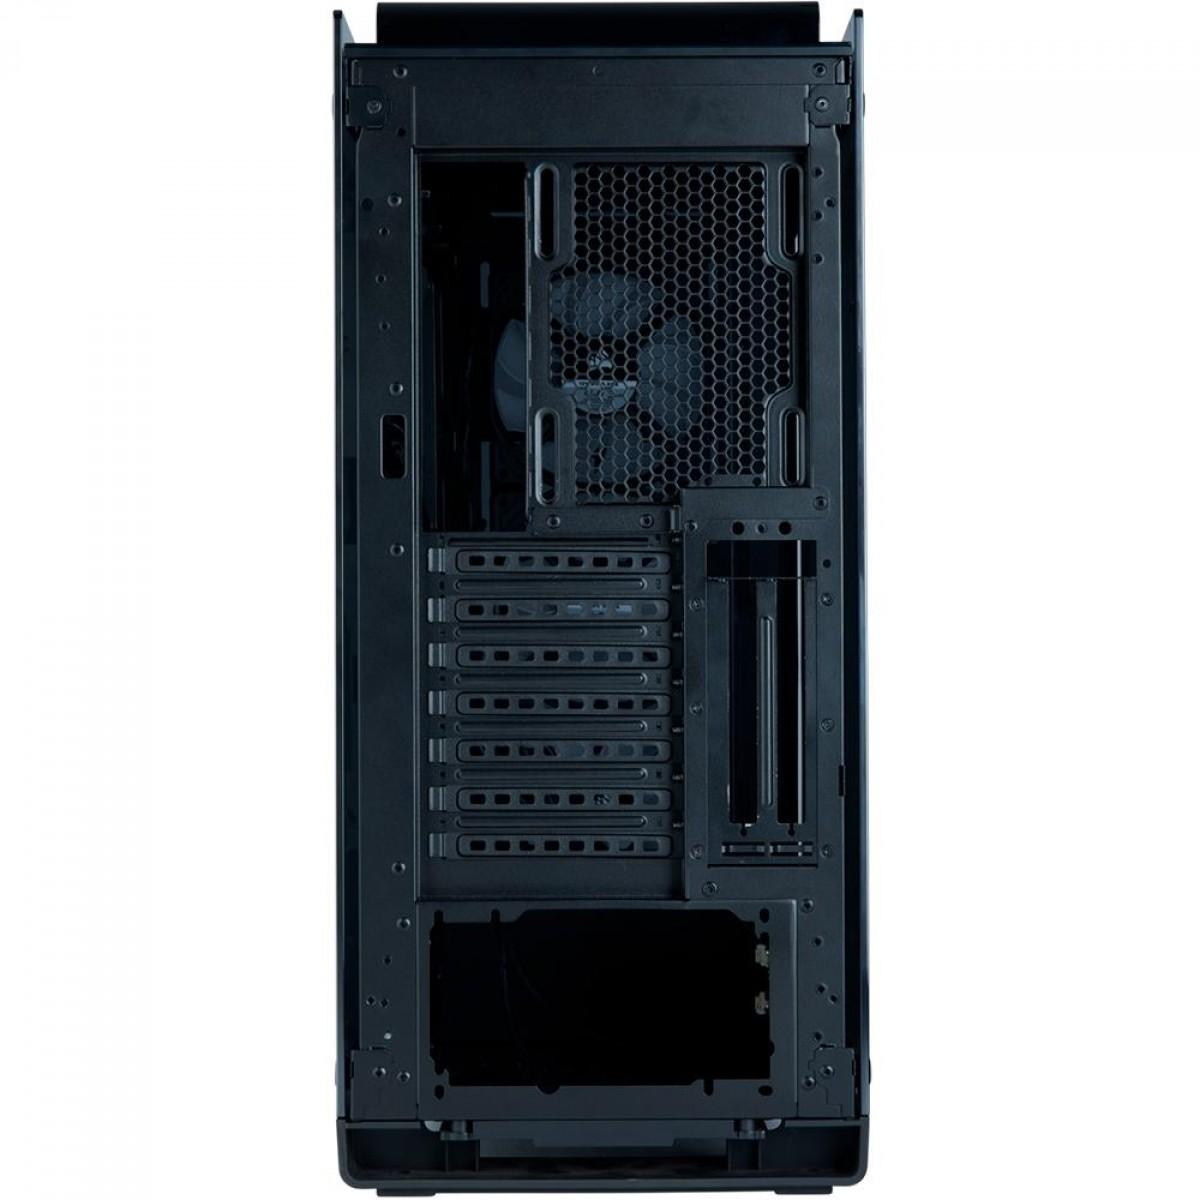 Gabinete Corsair Crystal 570X RGB, Mid Tower, Vidro Temperado, ATX, Mirror Black, Com 3 Fans, Sem Fonte, CC-9011126-WW